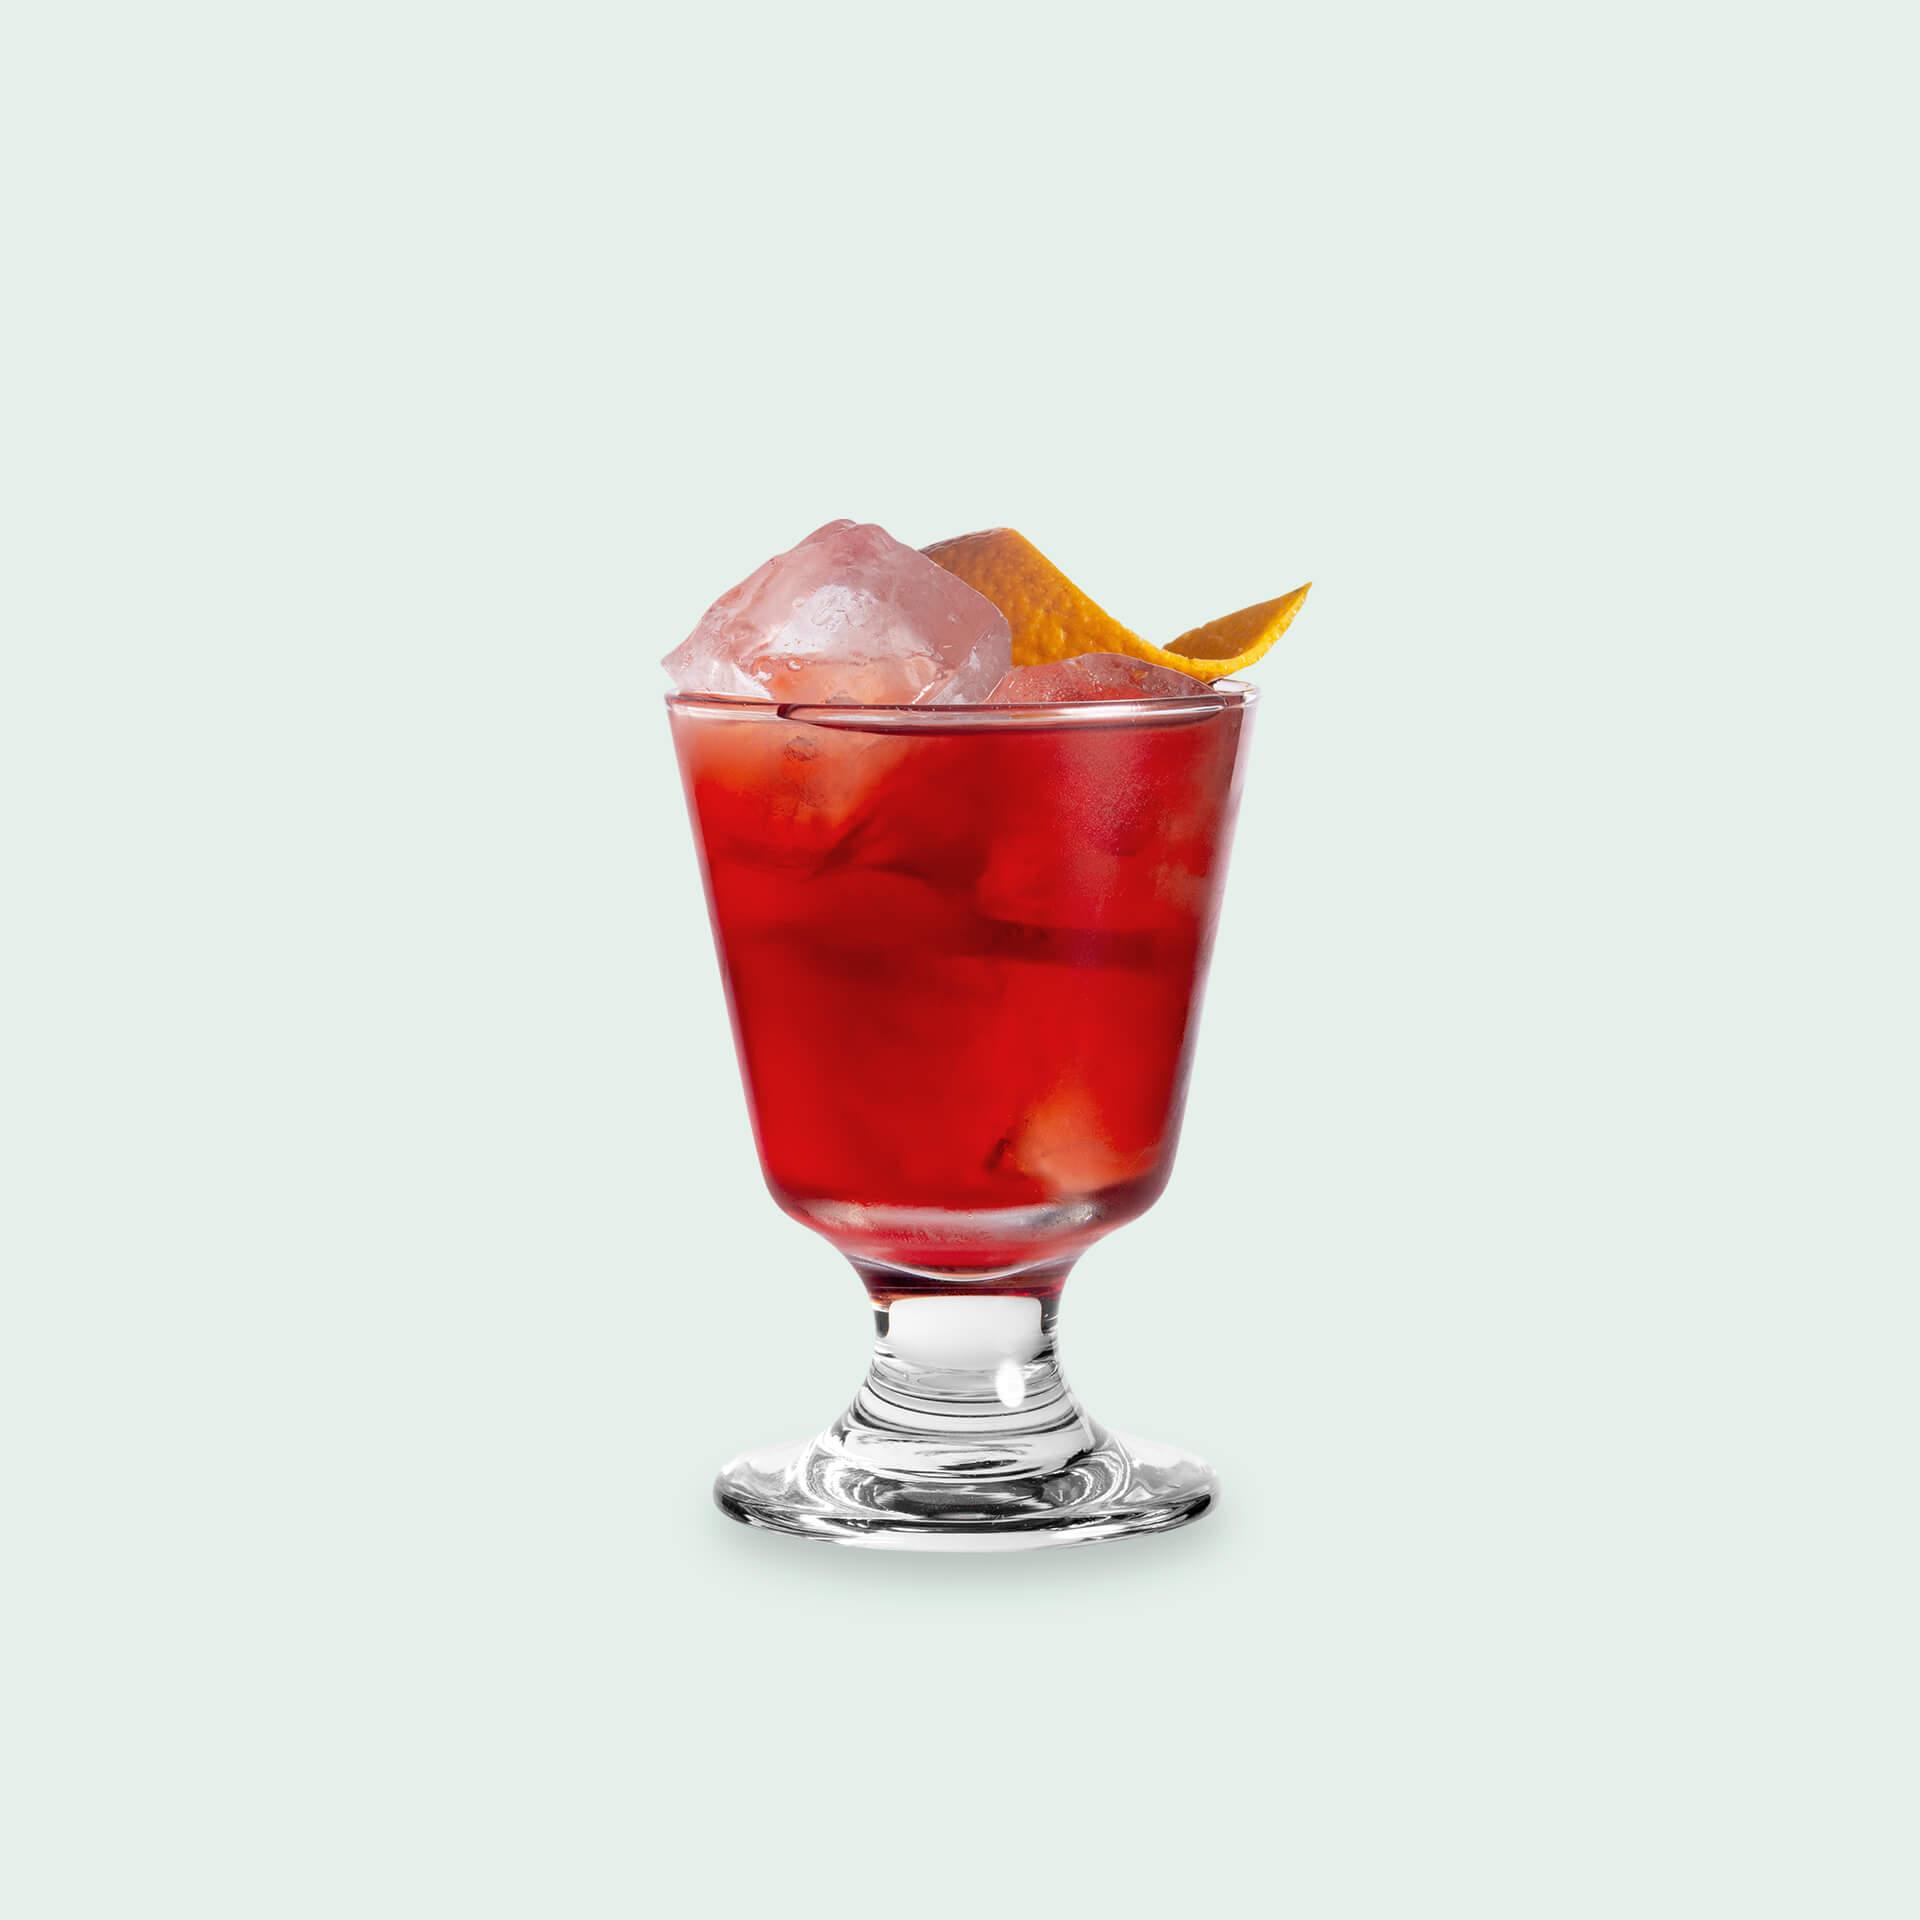 Cedar Smoked Negroni - Smoked Gin Cocktail